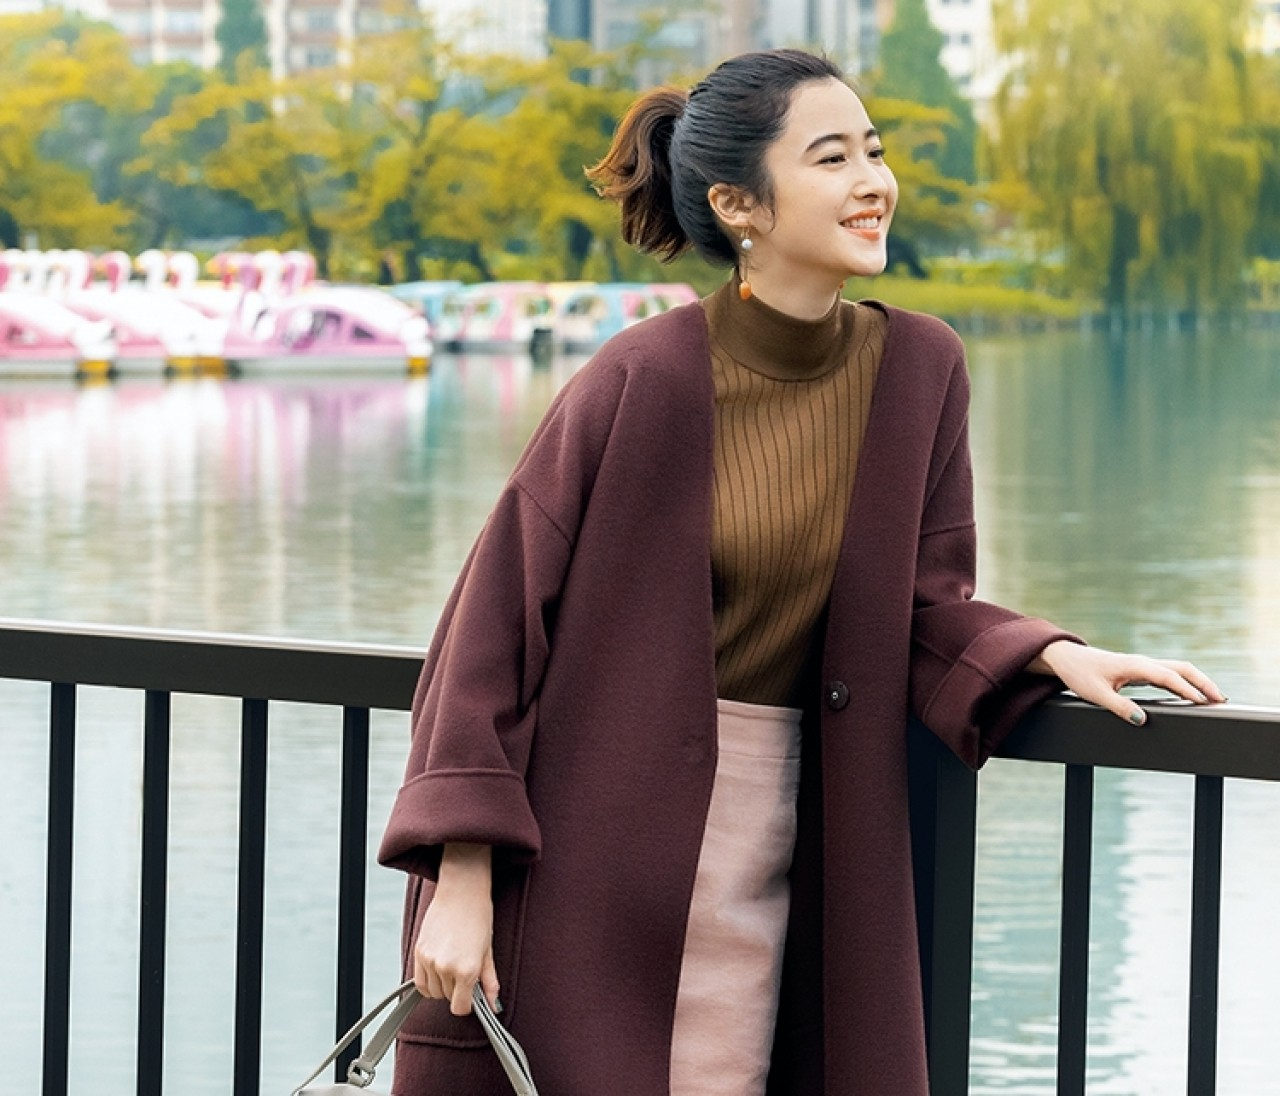 朝早く起きた日は、女っぽいブラウン×ピンクの洗練コートスタイルでブランチへ【2019/11/23のコーデ】